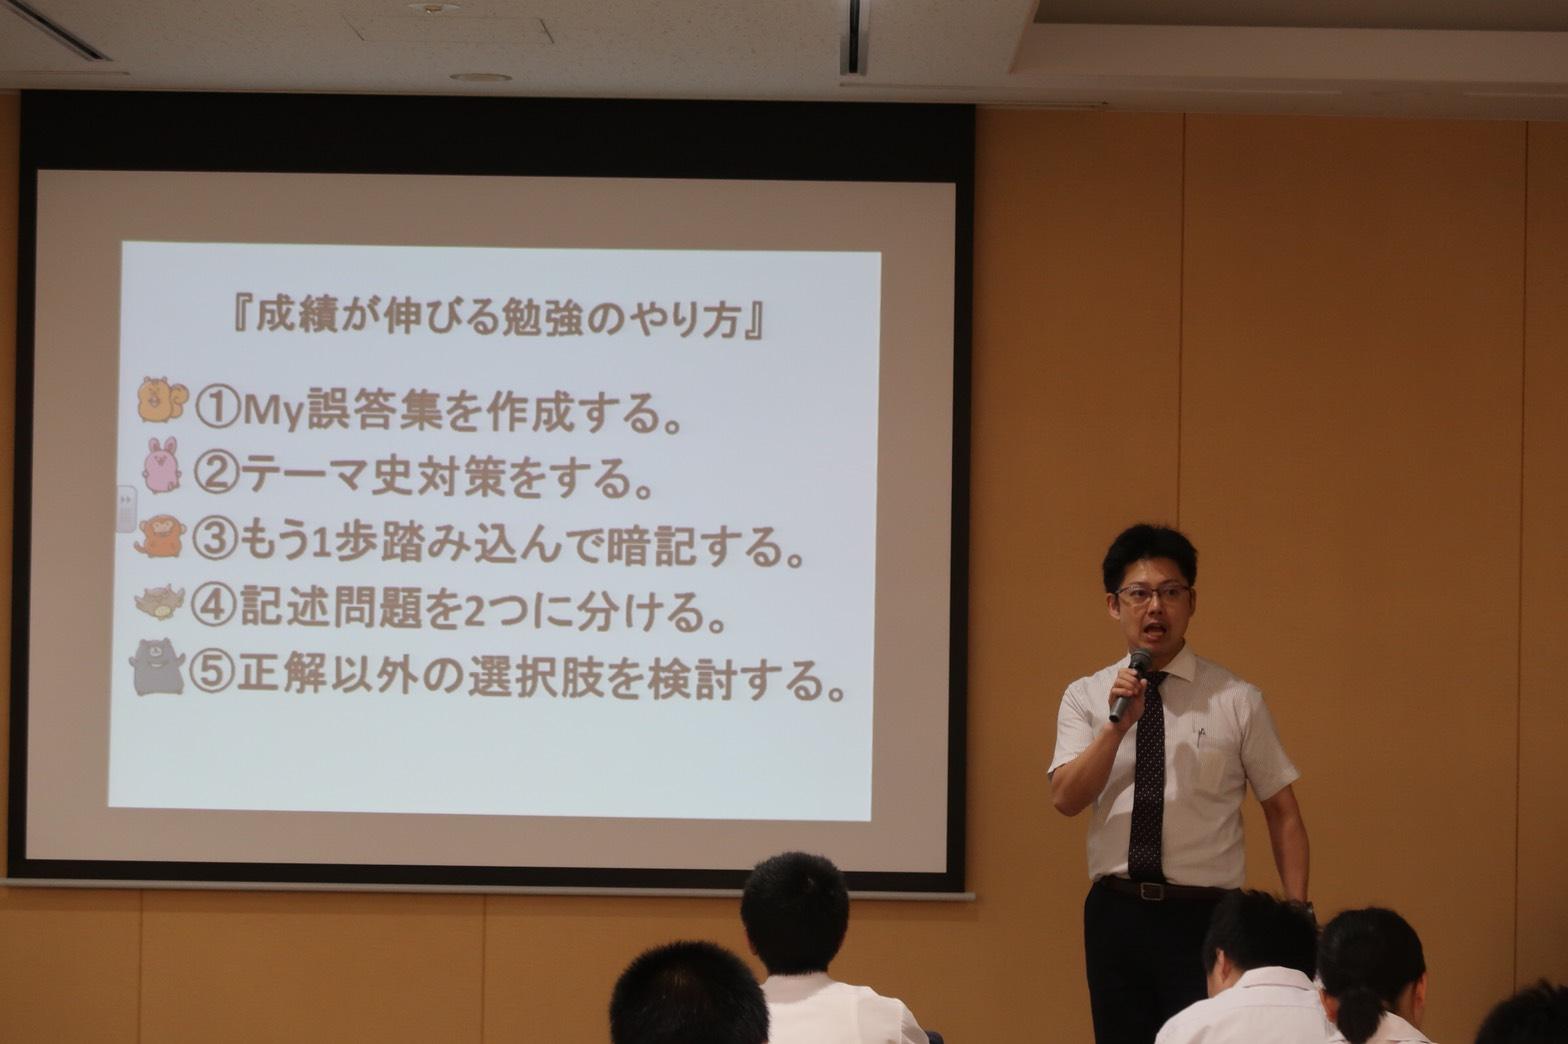 第2回石川県総合模試に向けて【社会】